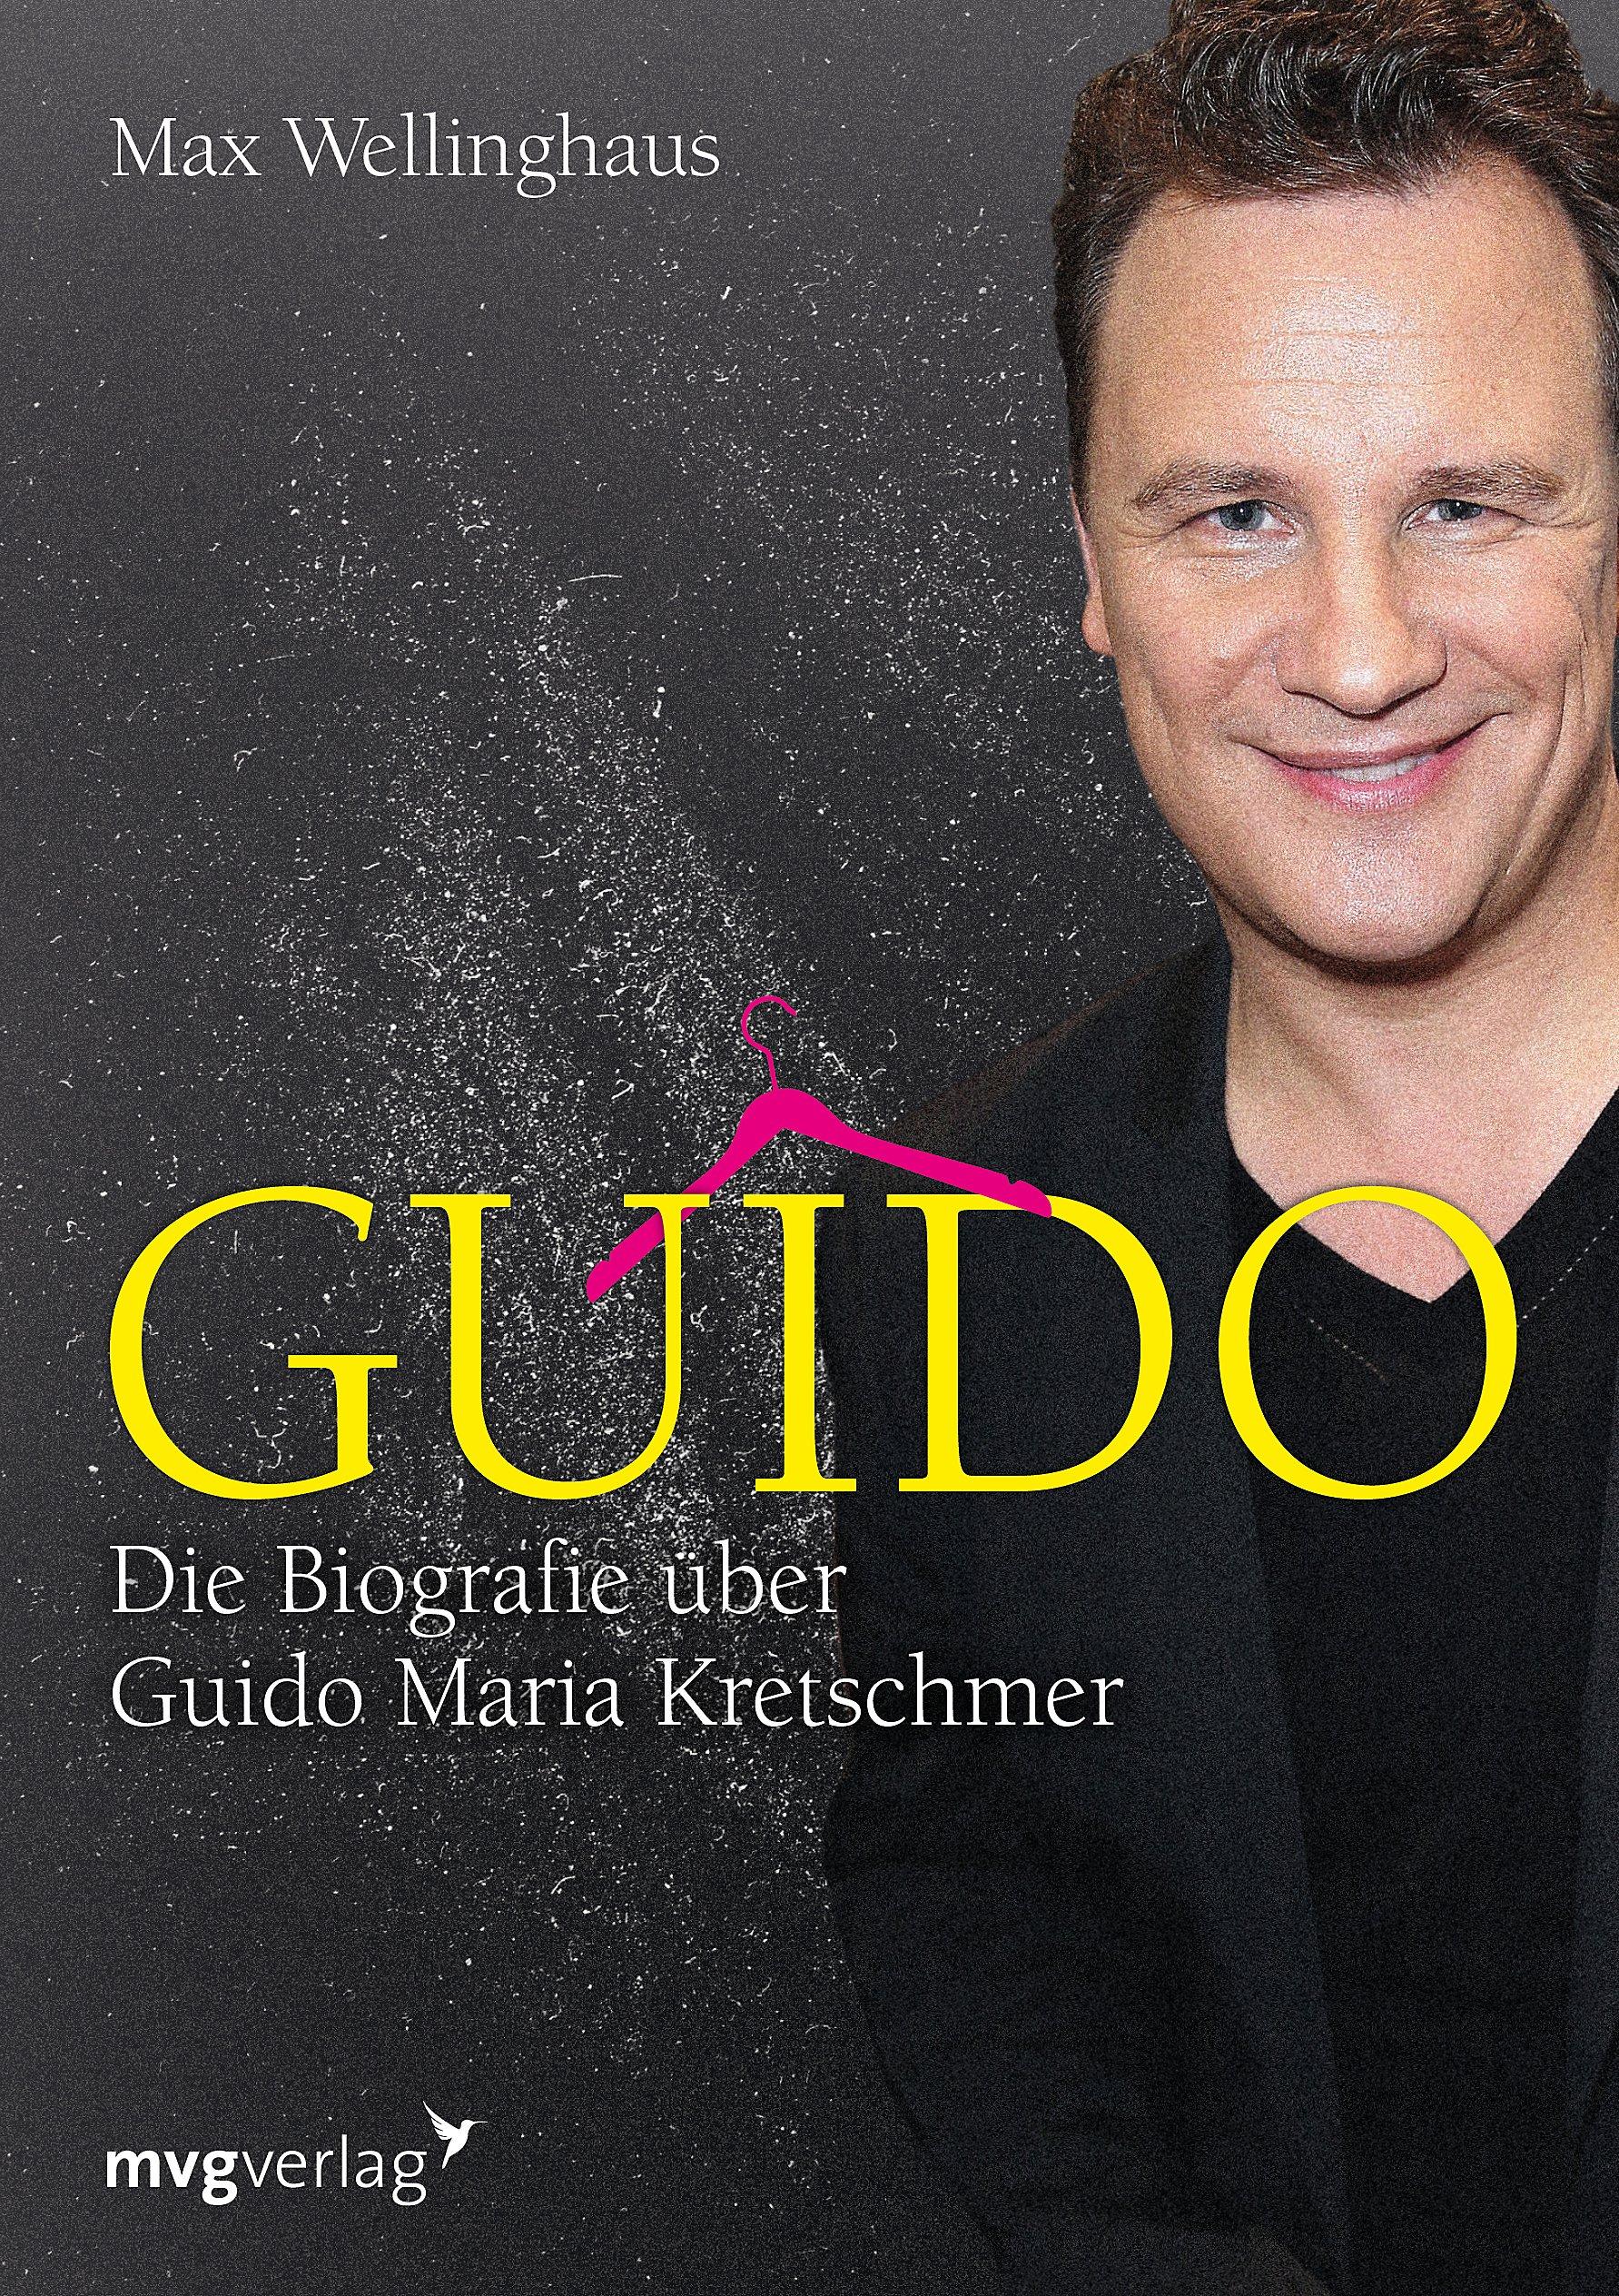 promo code 33ae0 aeb78 Guido Buch von Max Wellinghaus portofrei bestellen - Weltbild.de